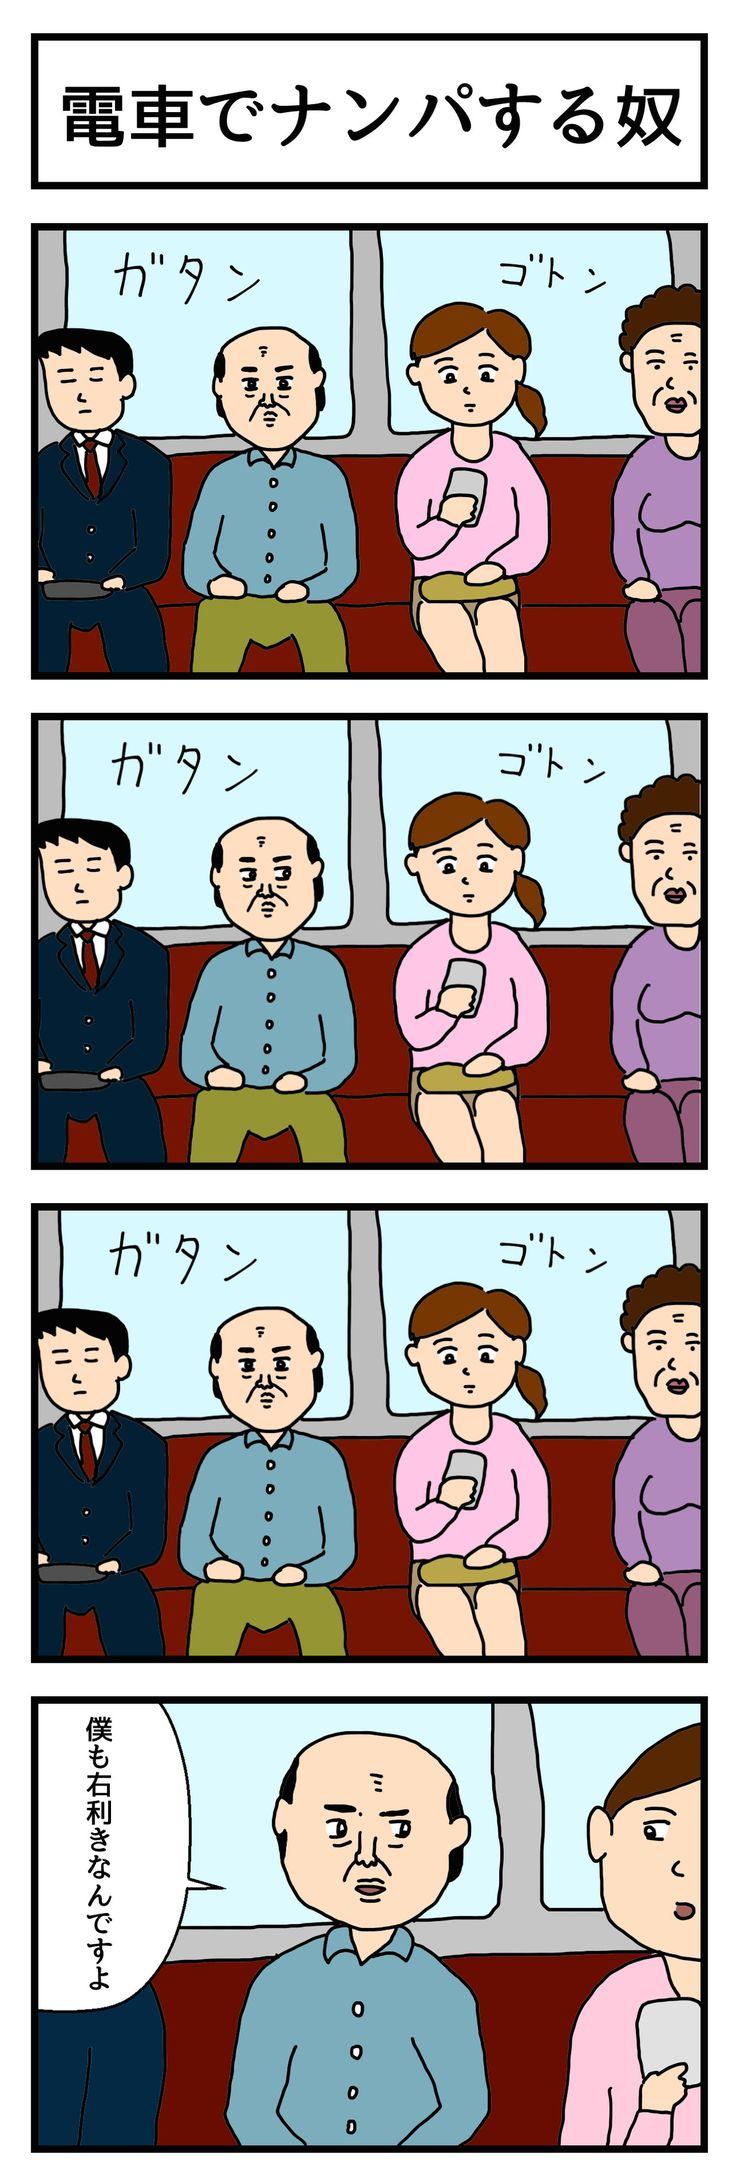 電車でナンパする奴